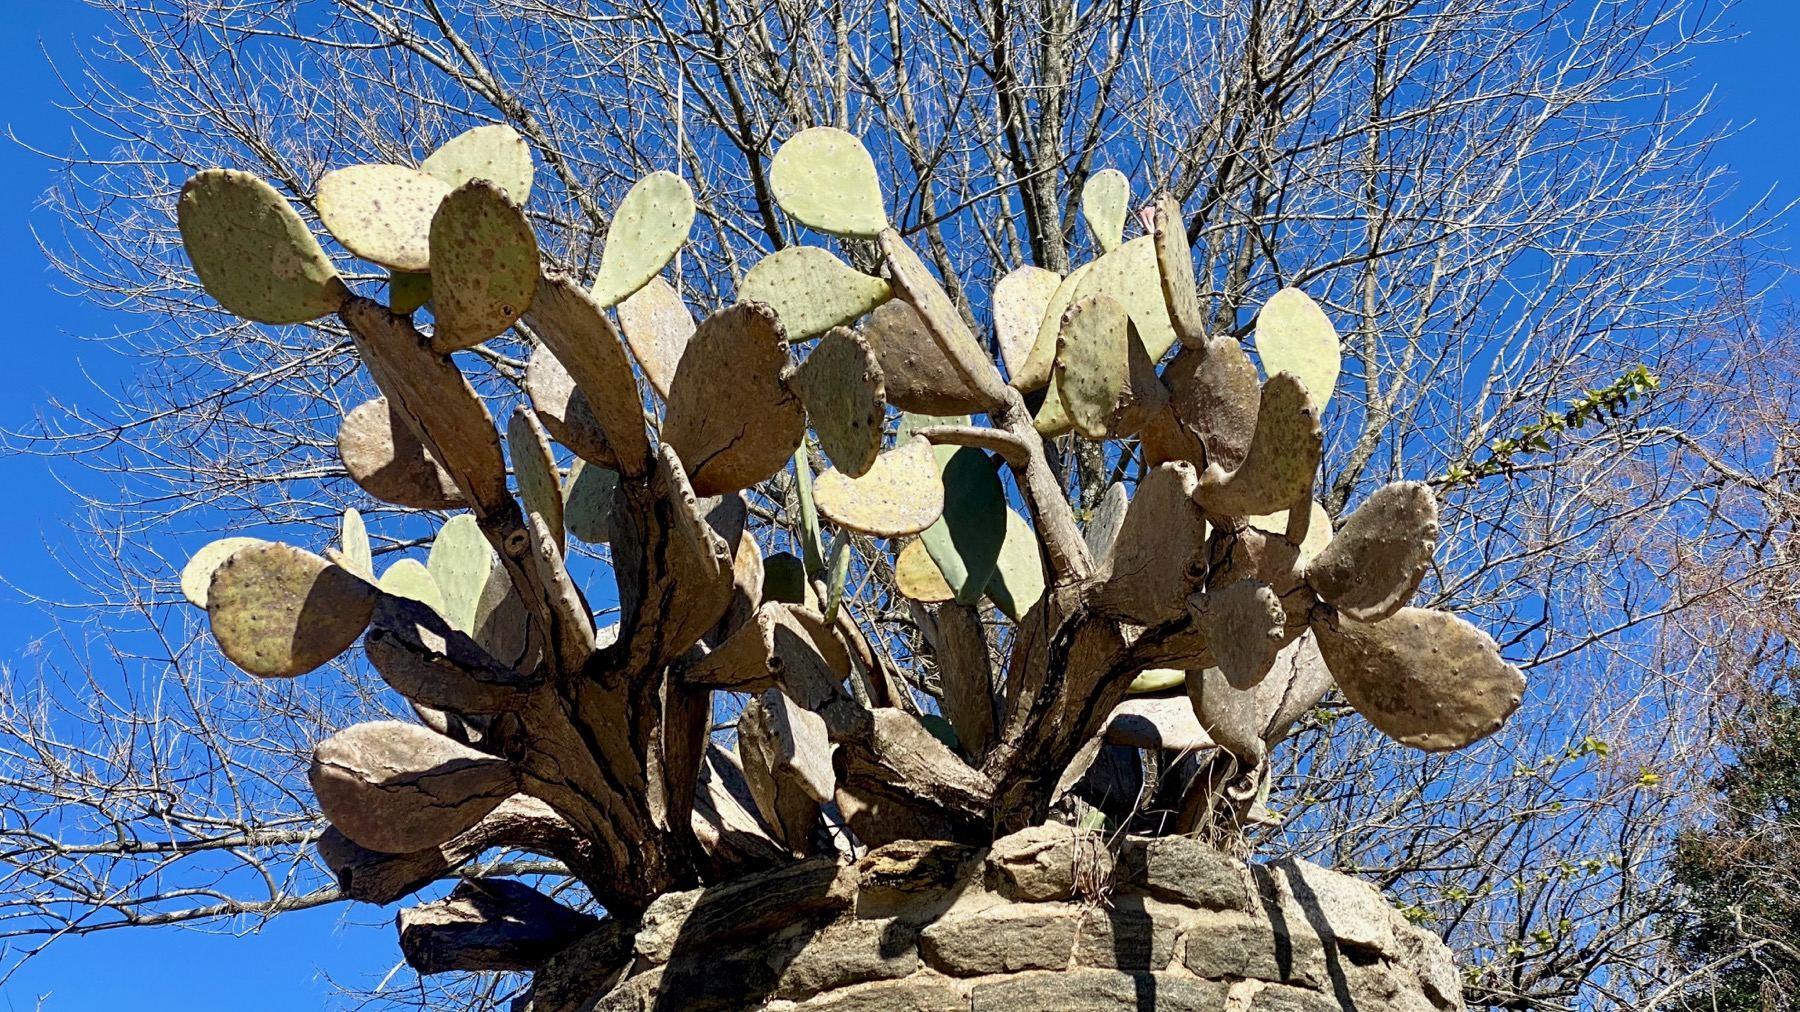 Cactus above